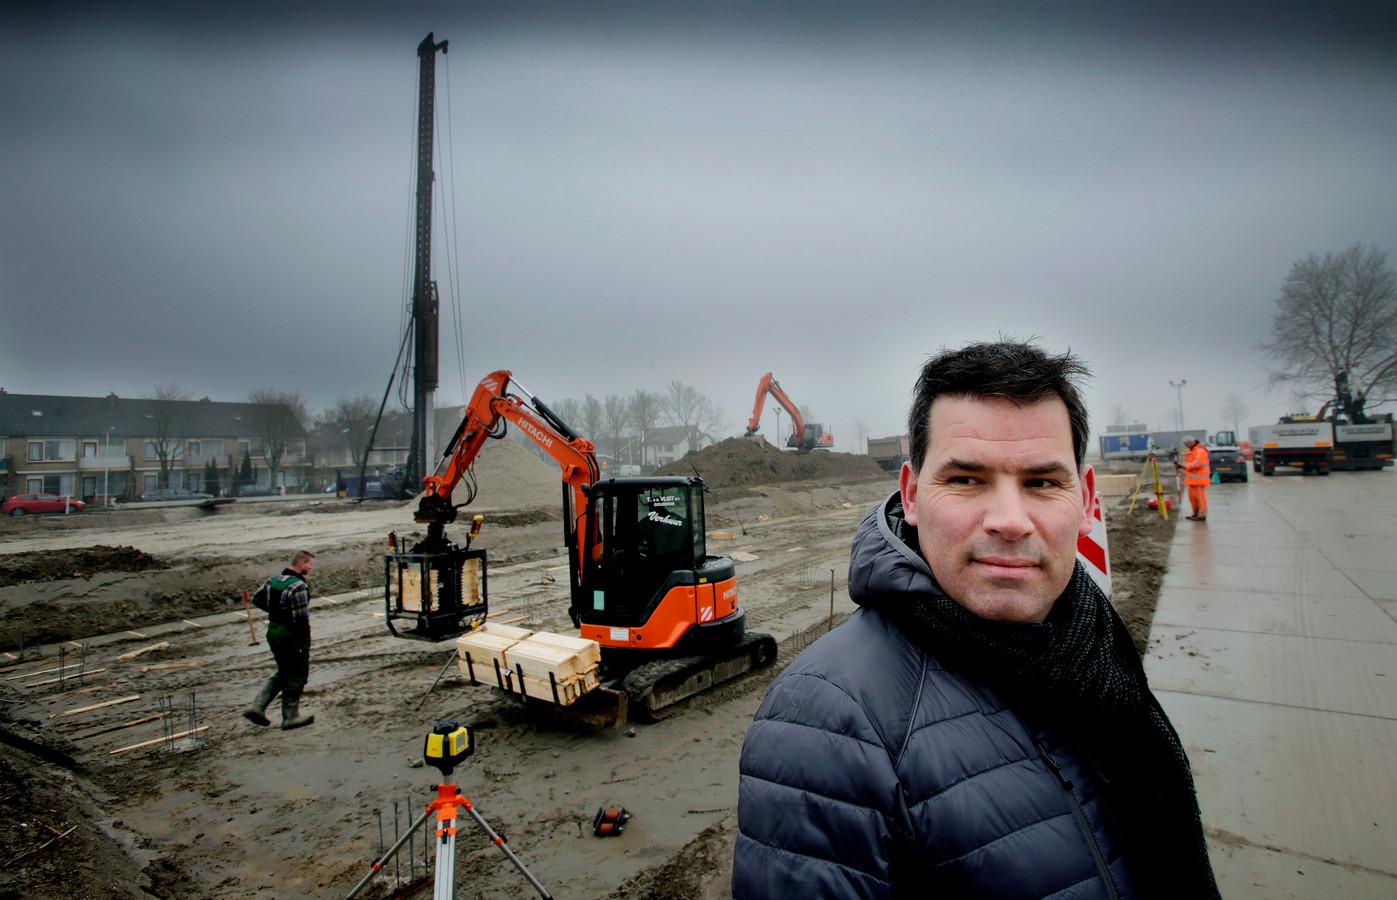 Roderik Outhuis, projectleider bij Van Mierlo, werkt aan Meesterlijk Wonen, eén van de vele bouwprojecten in Oud-Beijerland.